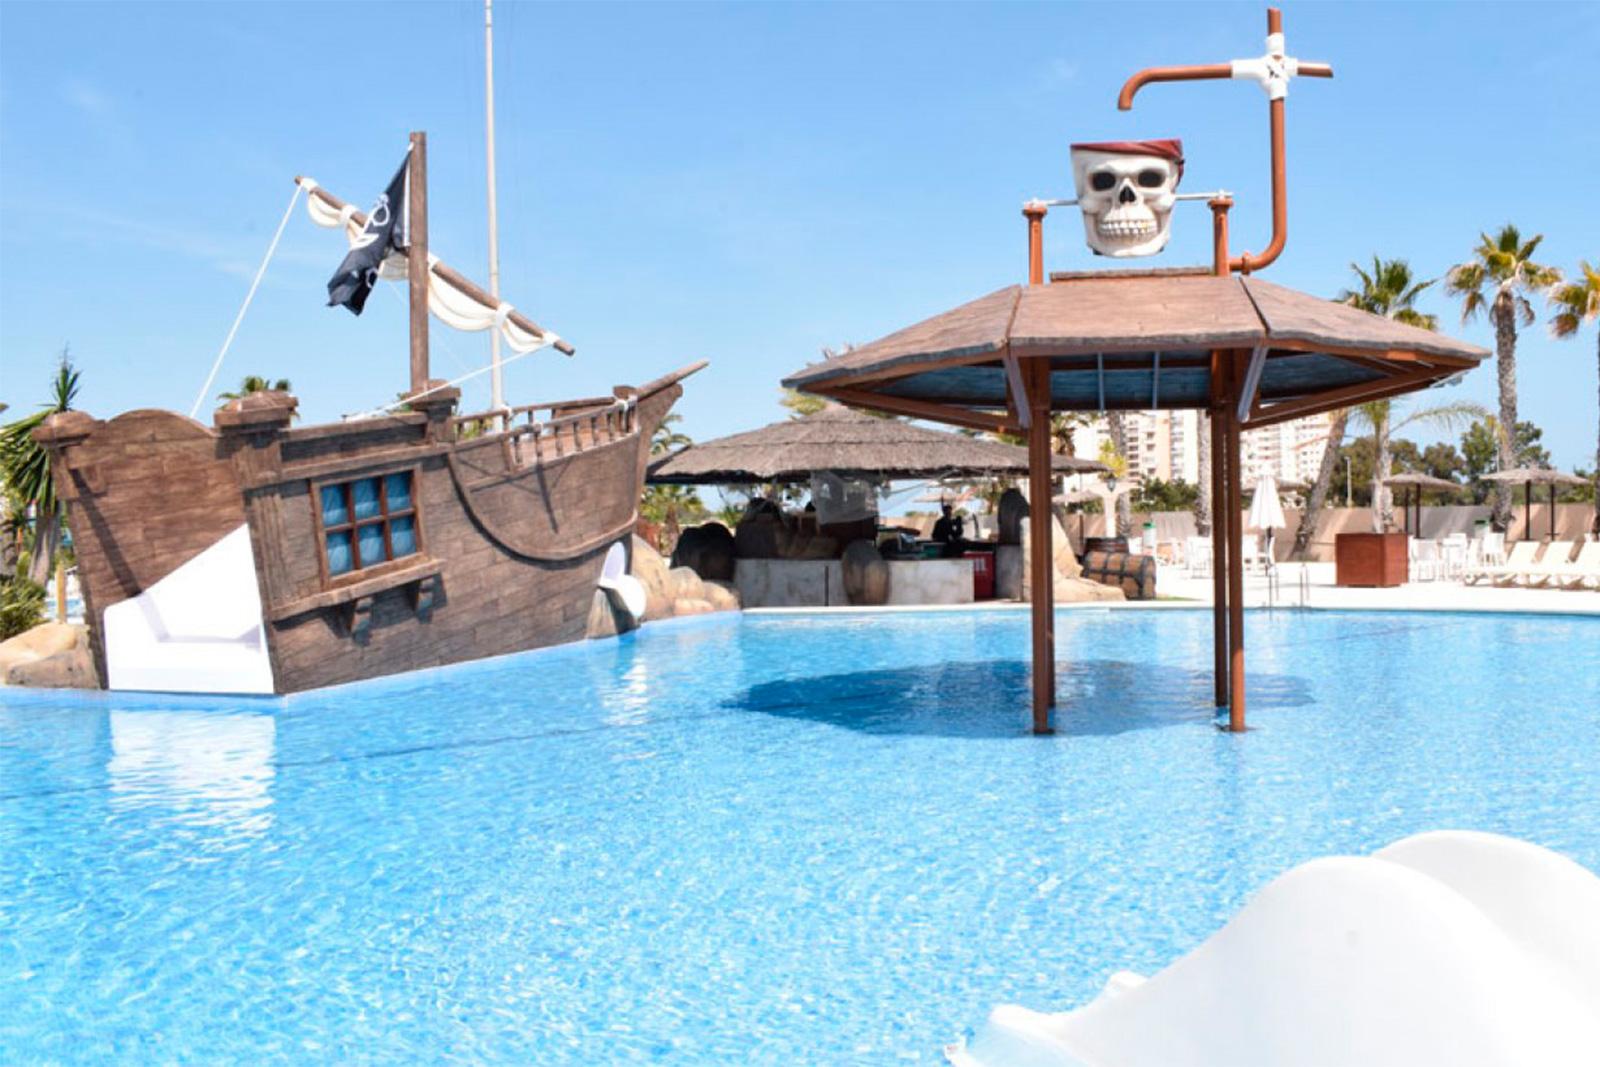 Tematización parque acuático Camping Marjal Guardamar